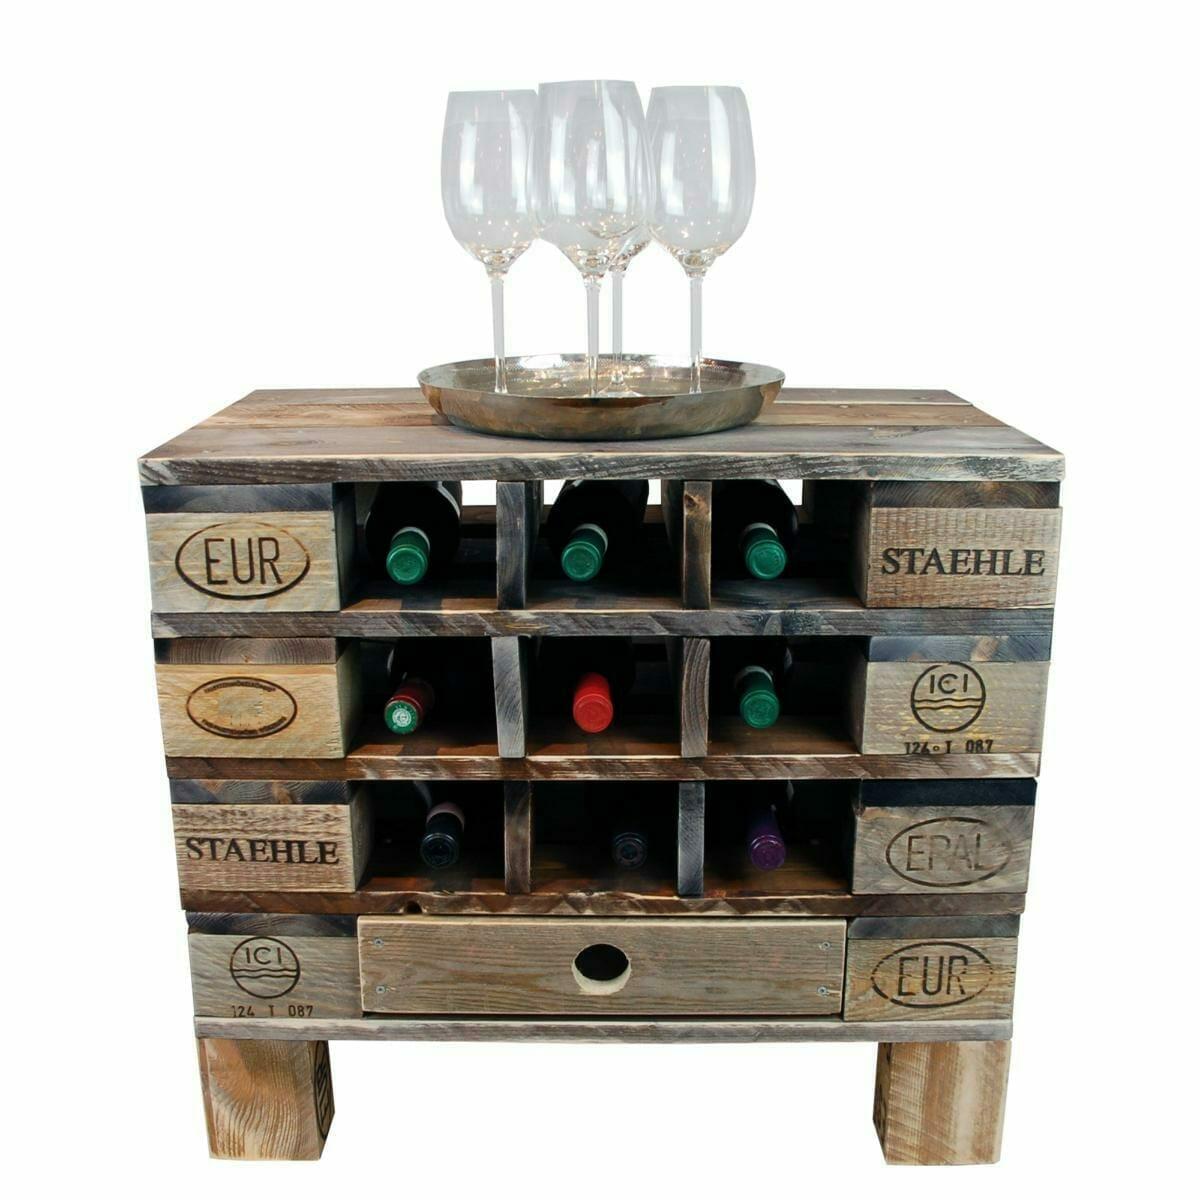 Full Size of Wein Regal Weinregal Schwarz Schmal Casablanca Design Paletten Bauen Holz Diy Metall Flaschenregal Tisch Saris Garage Palettenmbel Shop Schräge Massivholz Regal Wein Regal